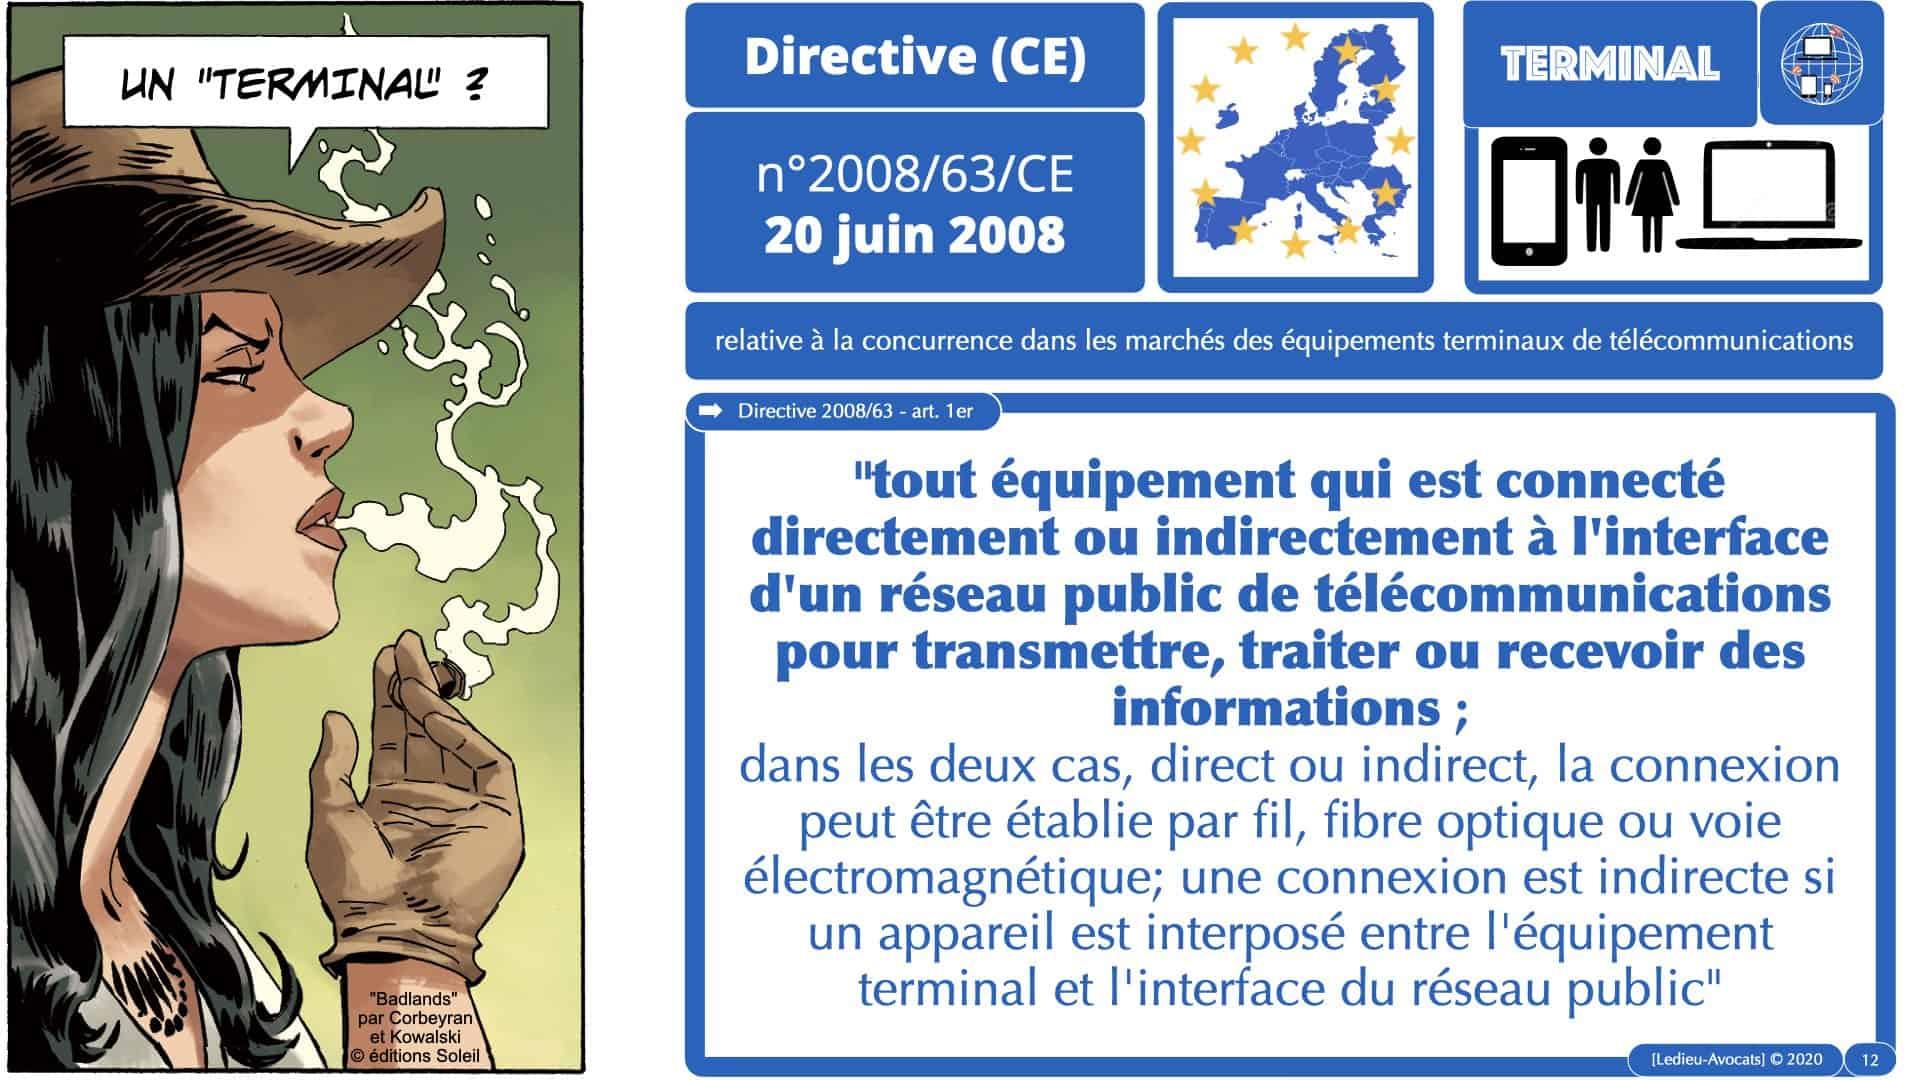 314 PRO BTP © Ledieu-avocat 03-12-2020.012